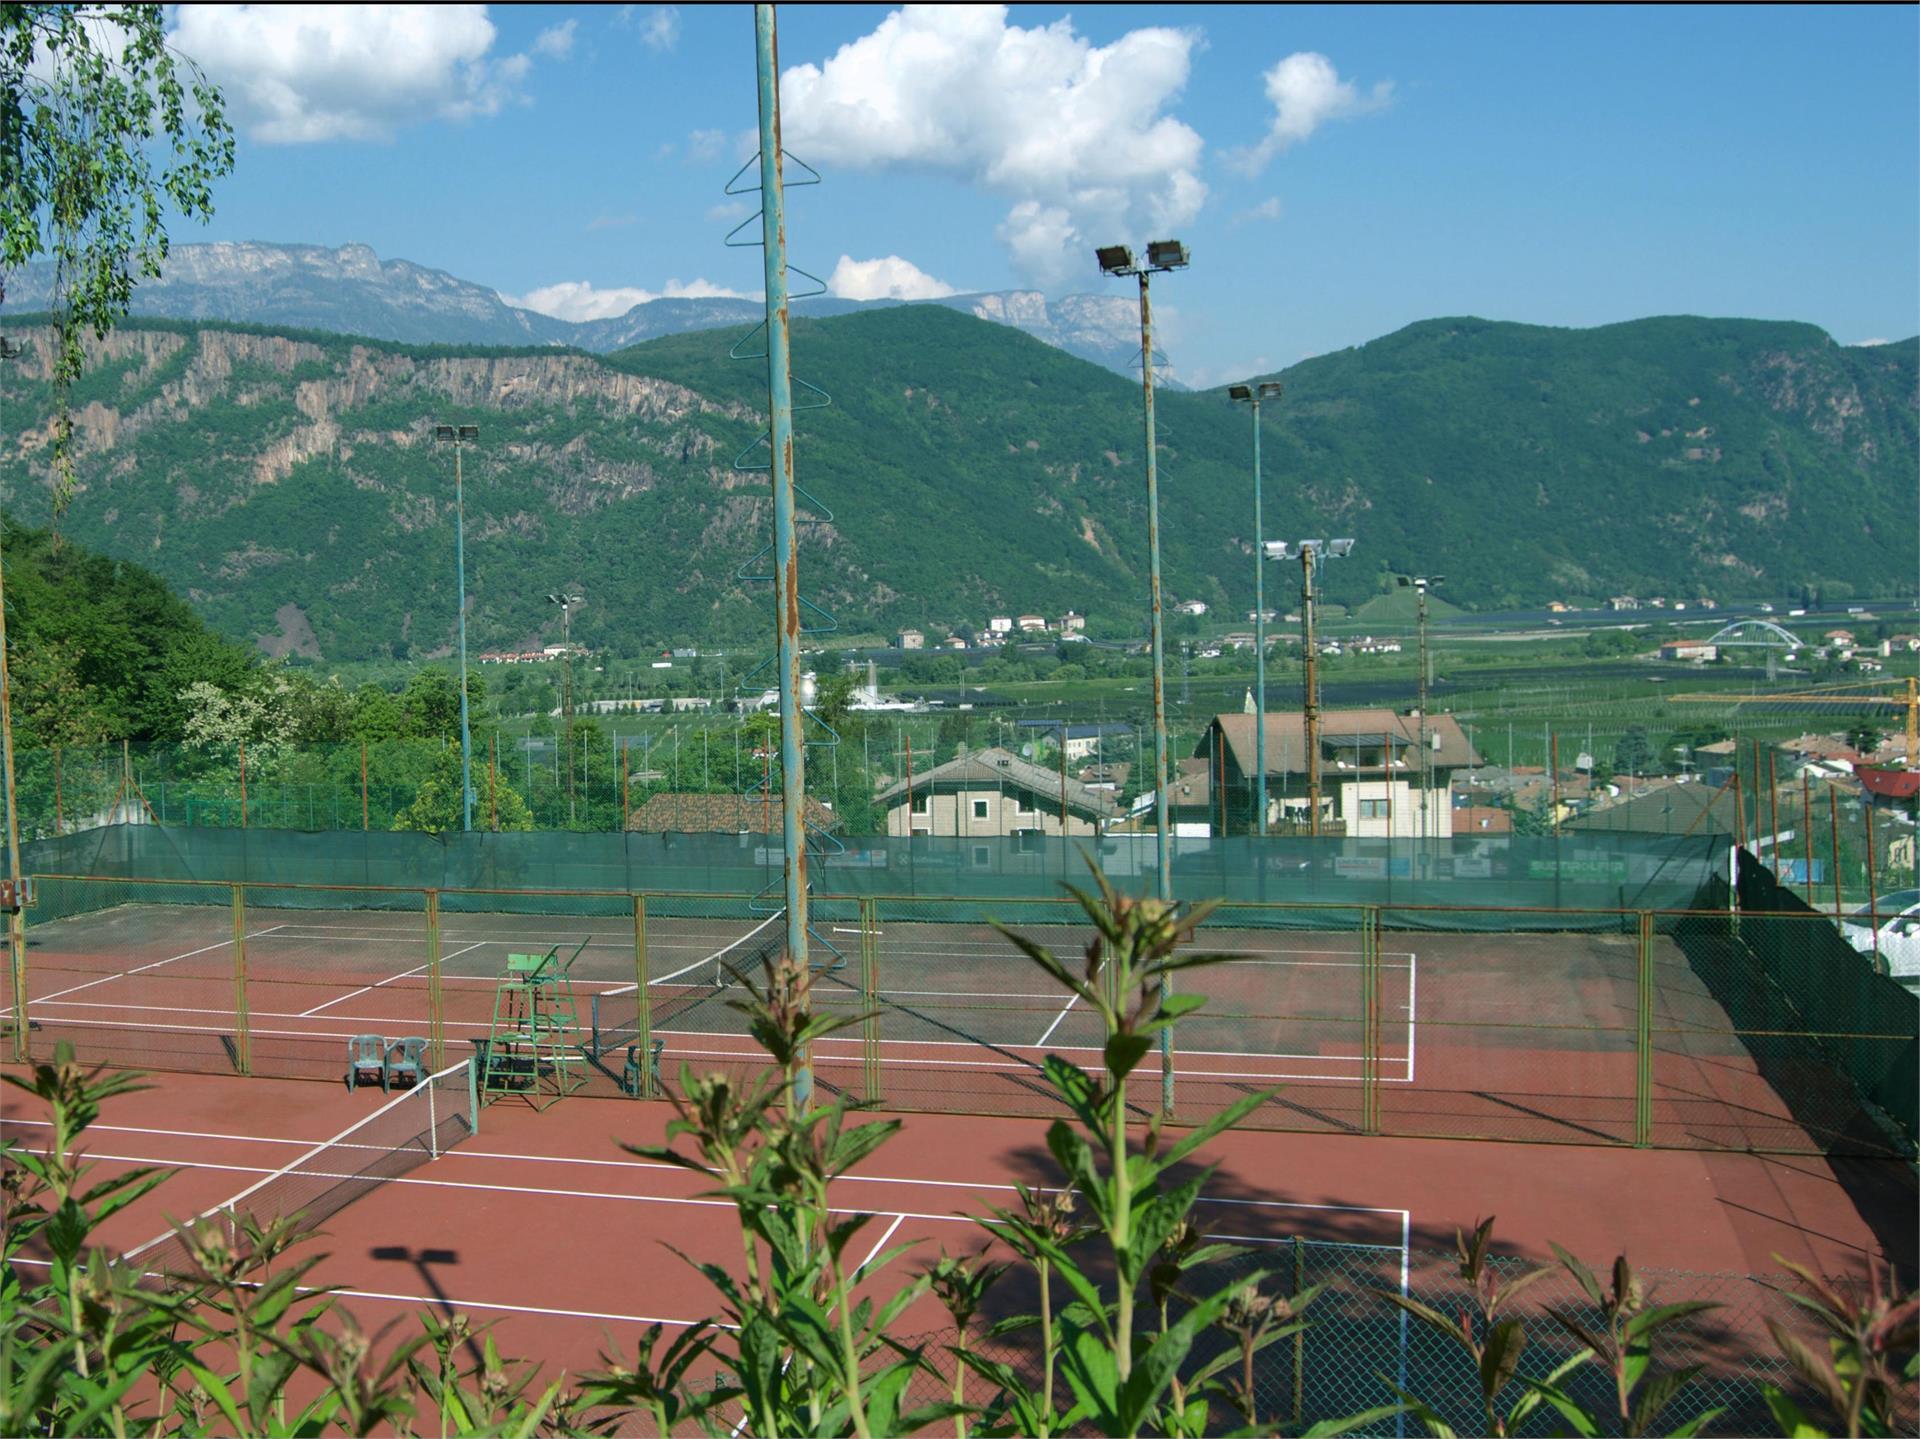 Tennis Club Branzoll